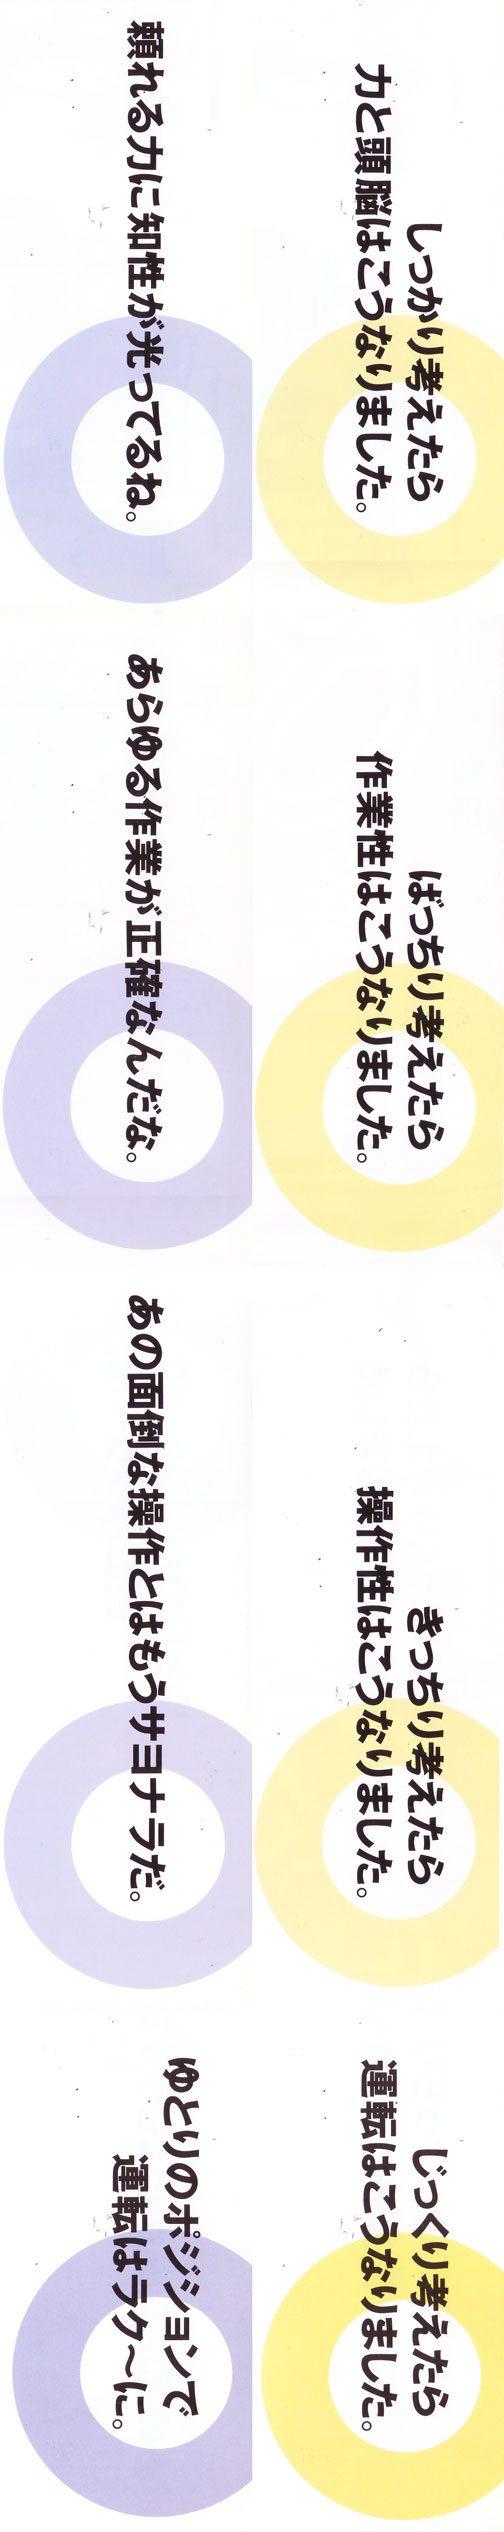 せっかくなので並べておきます。右がMT165、左がMT205です。MT205のほうが若干投げやりですよね。おもしろいなあ。